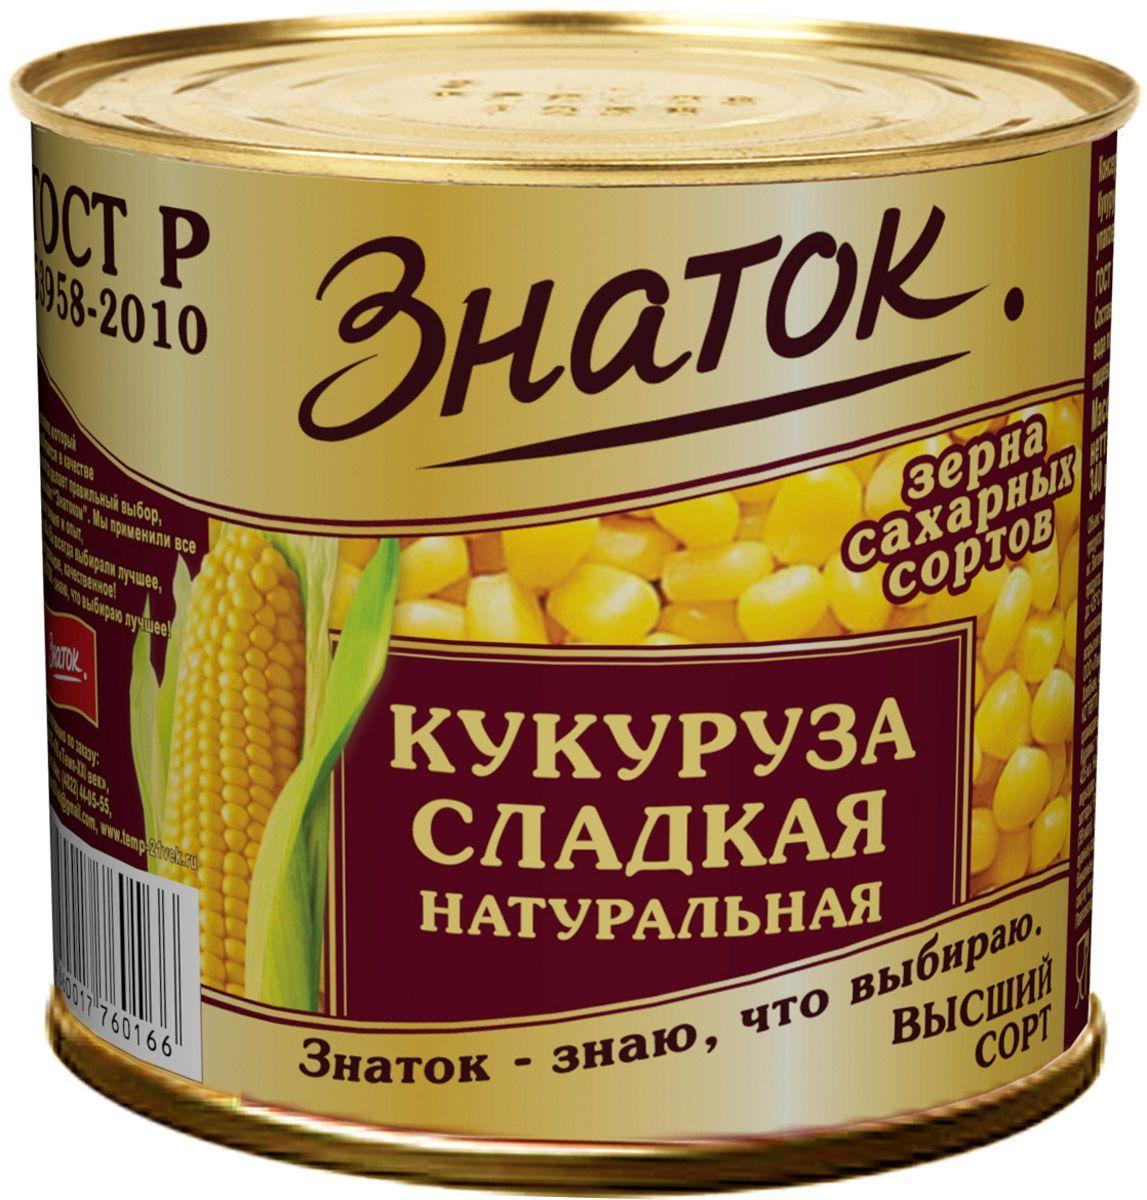 Кукуруза Знаток Сладкая консервированная